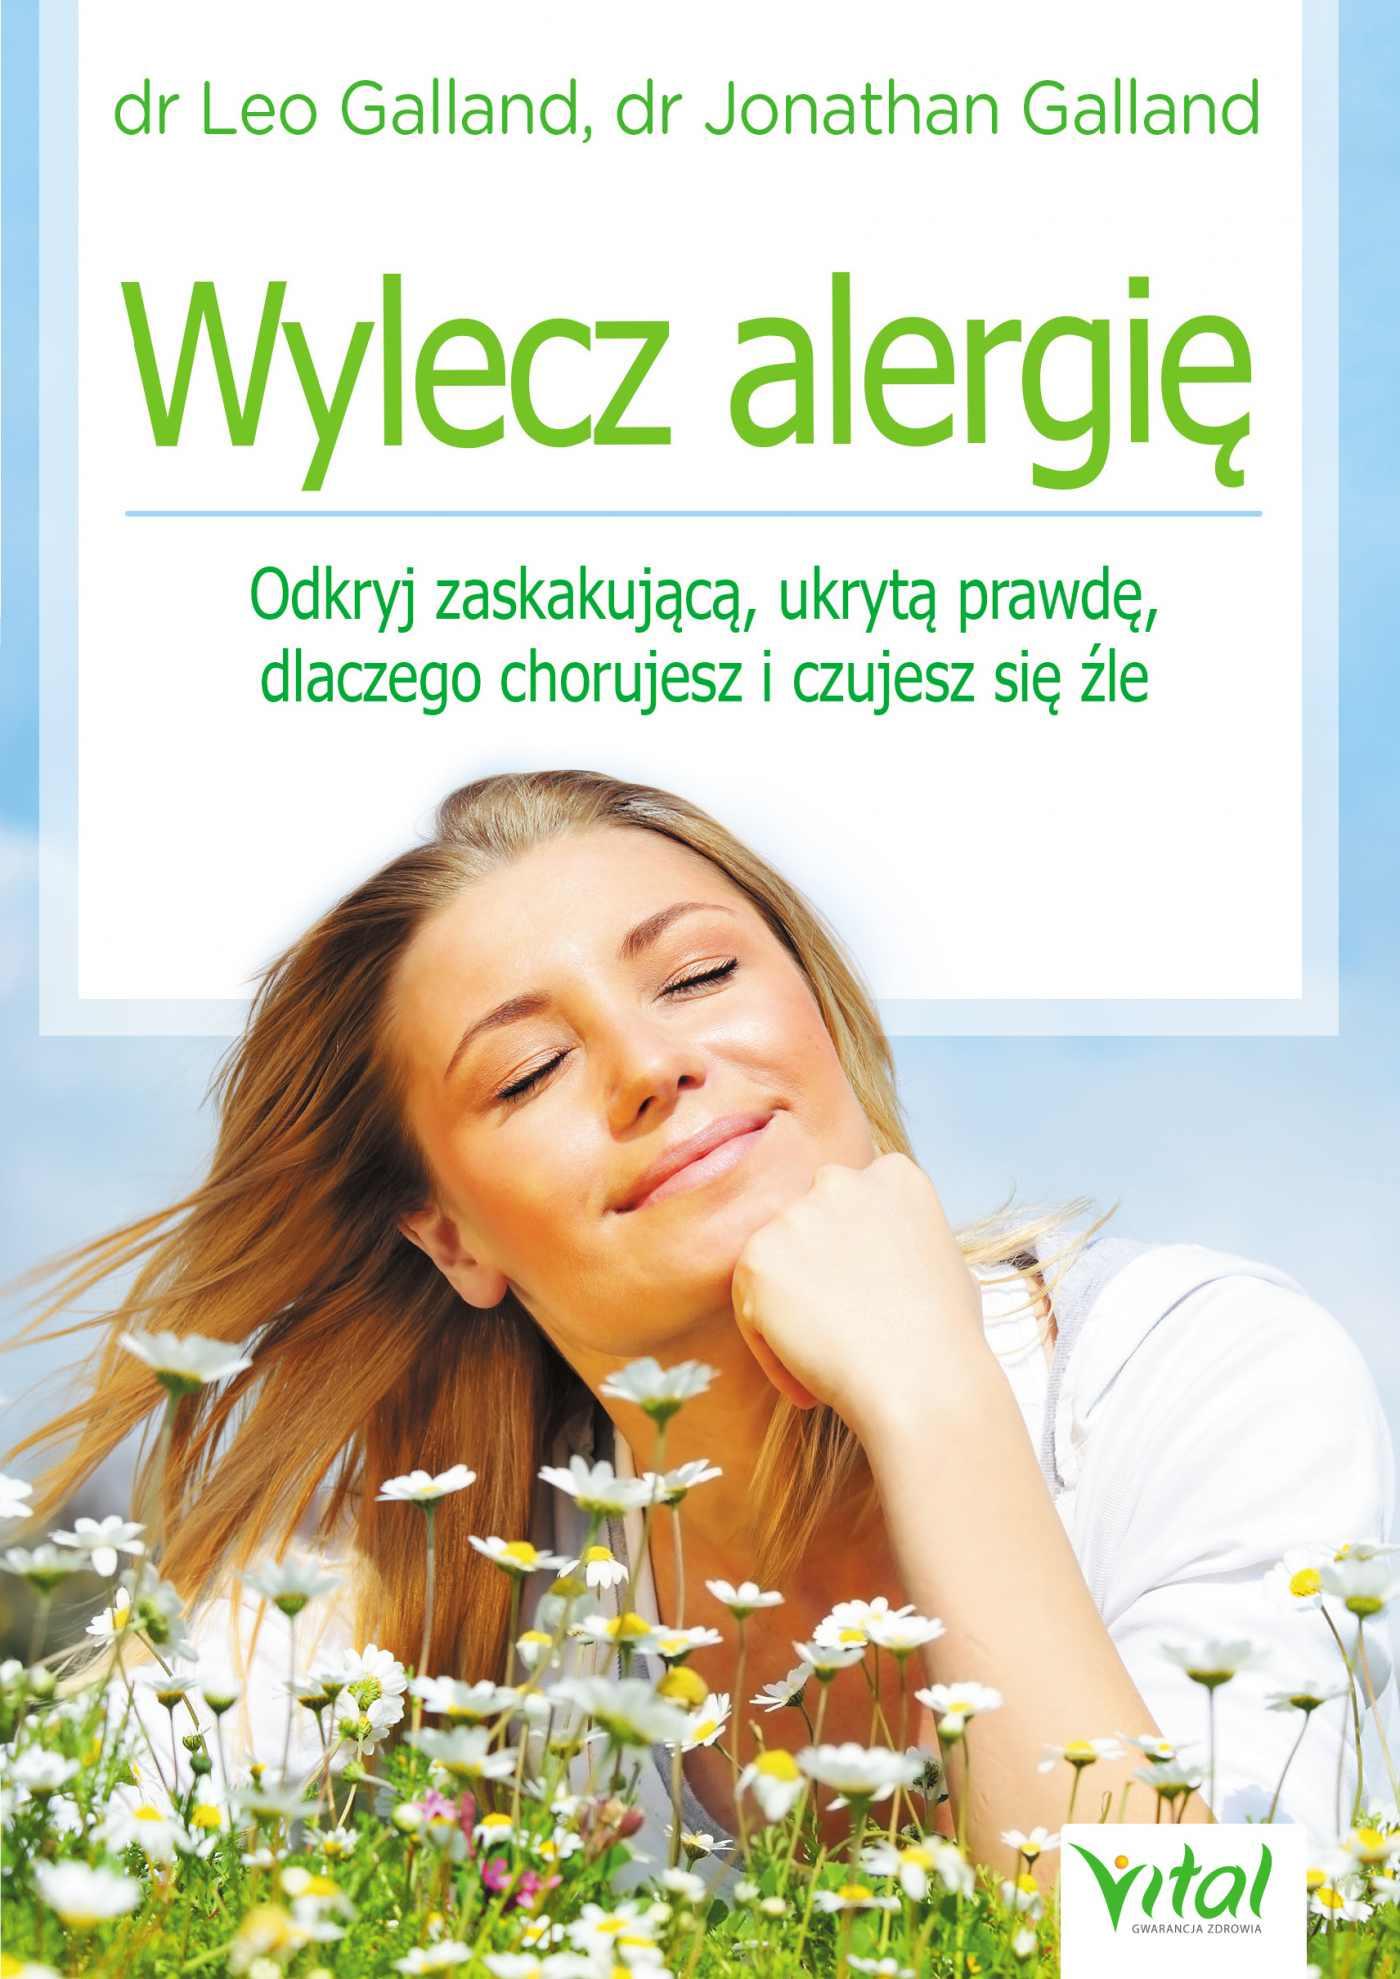 Wylecz alergię. Odkryj zaskakującą, ukrytą prawdę, dlaczego chorujesz i czujesz się źle - Ebook (Książka na Kindle) do pobrania w formacie MOBI